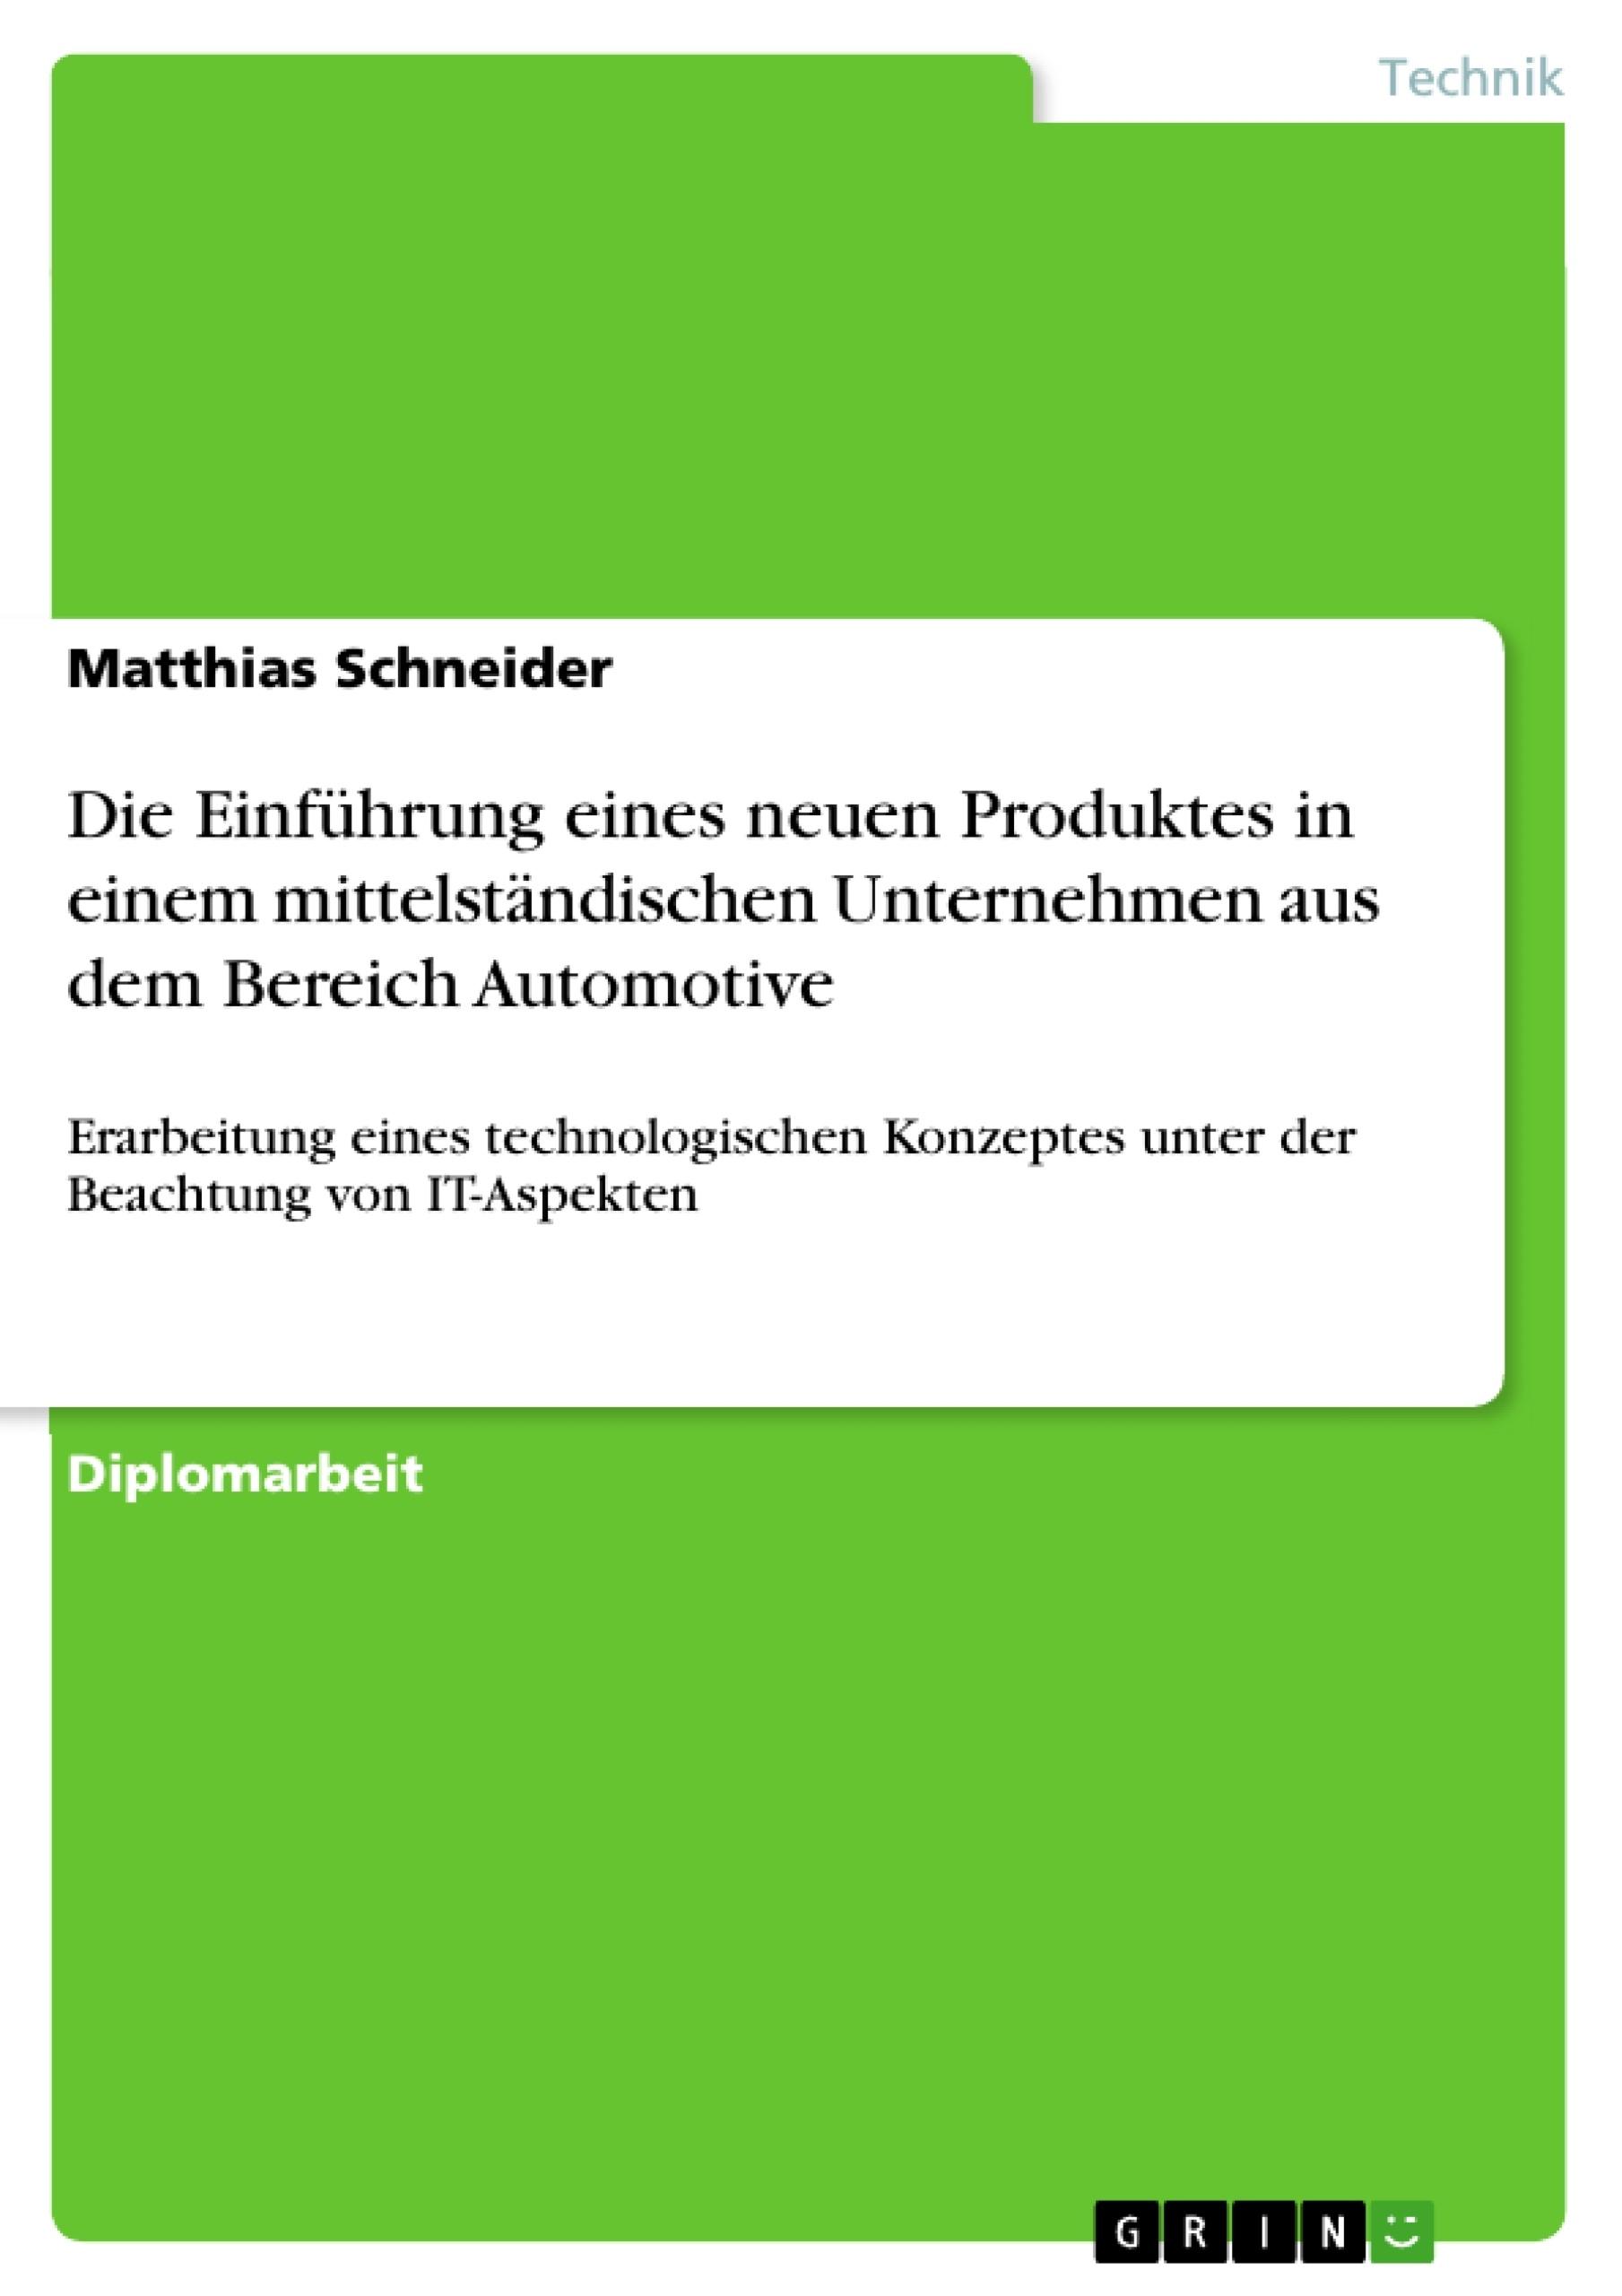 Titel: Die Einführung eines neuen Produktes in einem mittelständischen Unternehmen aus dem Bereich Automotive